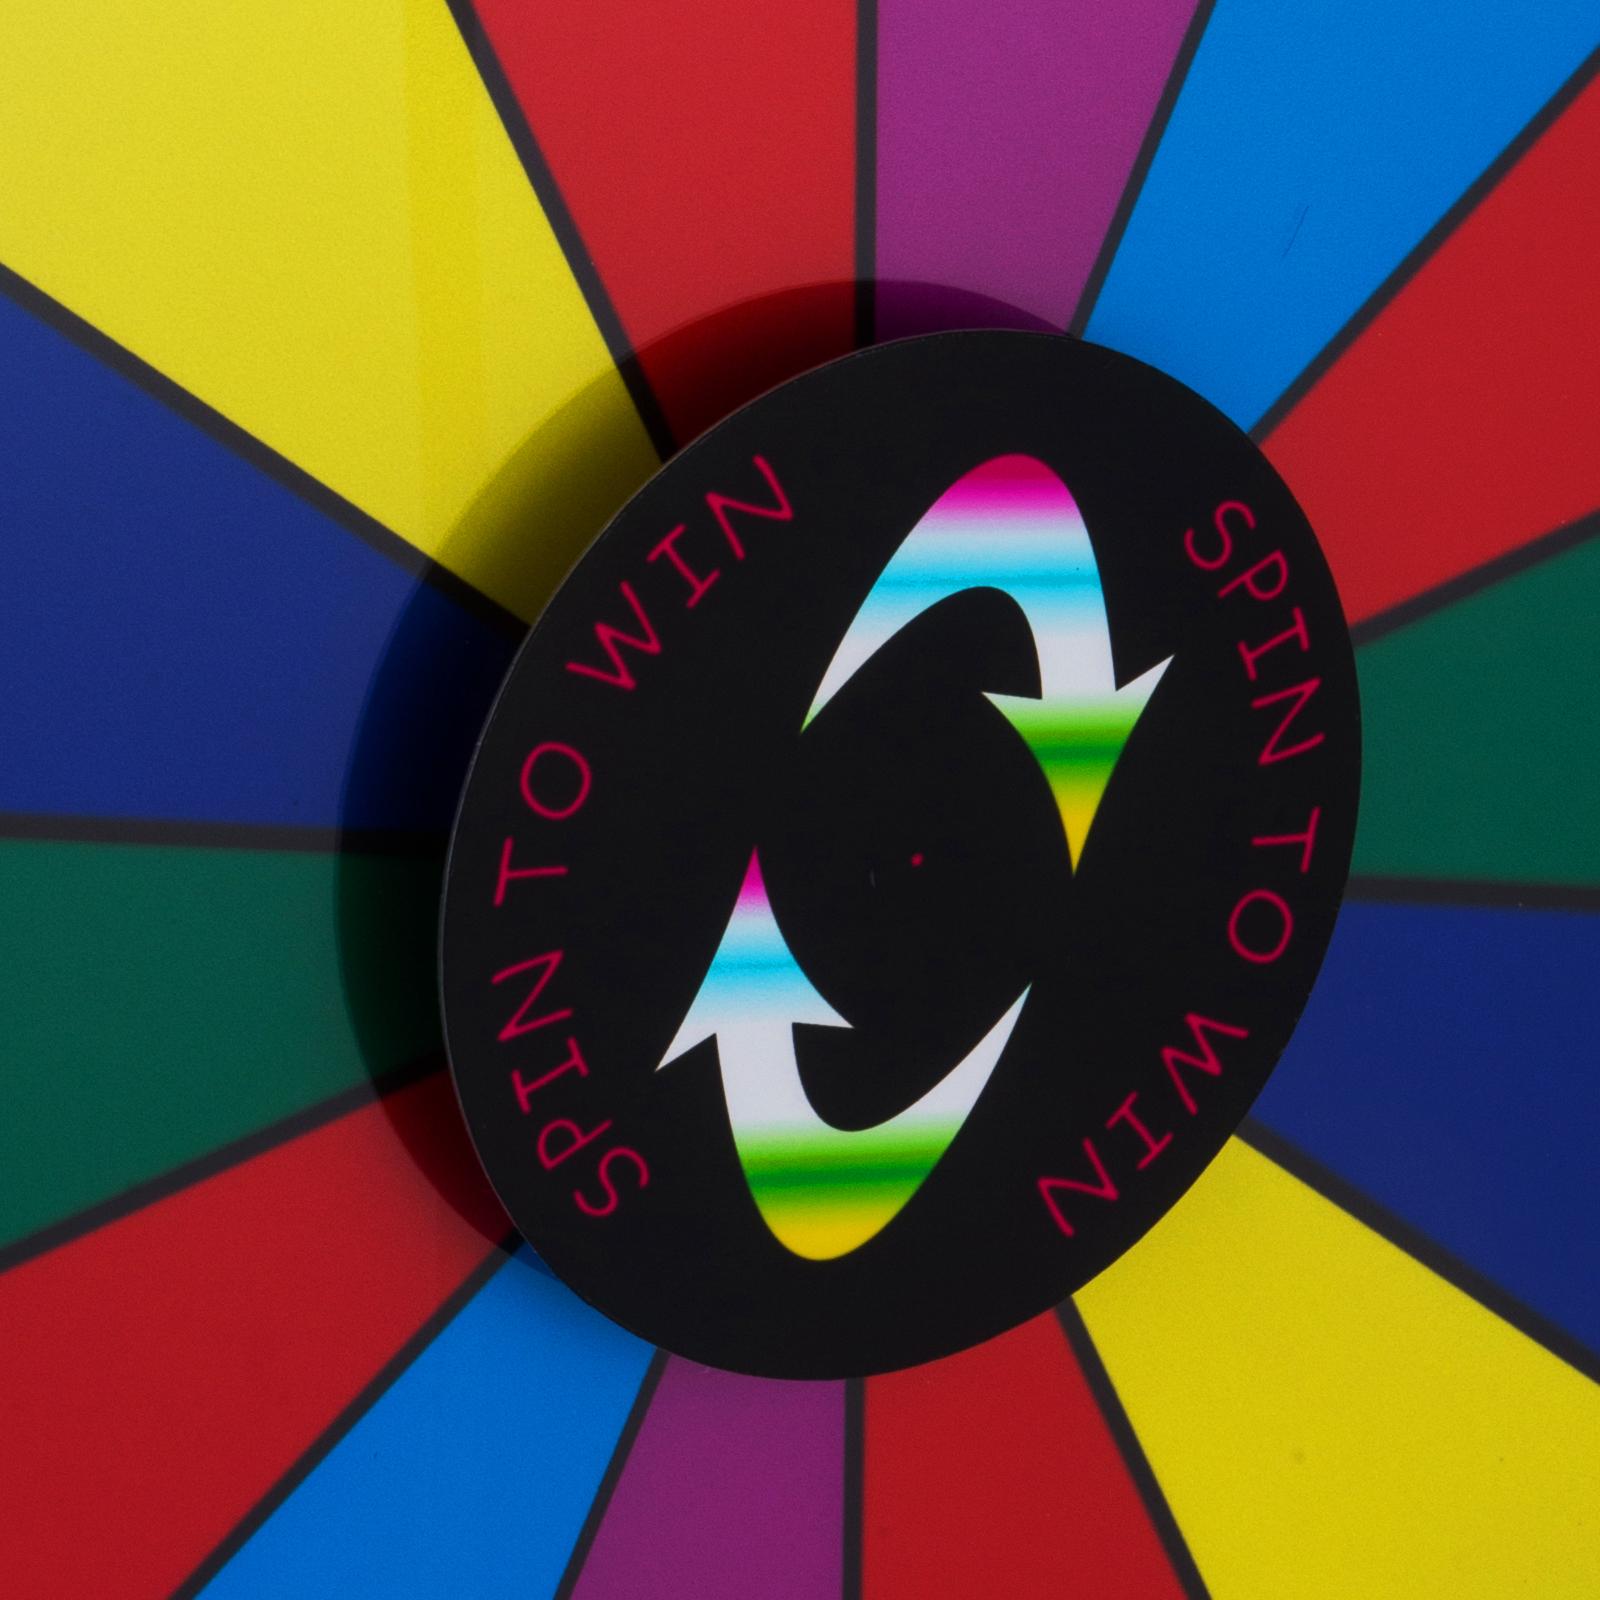 24-18-15-Ruota-Della-Fortuna-di-Colore-14-Slots-Gioco-Spin-Con-Supporto-Festa miniatura 69